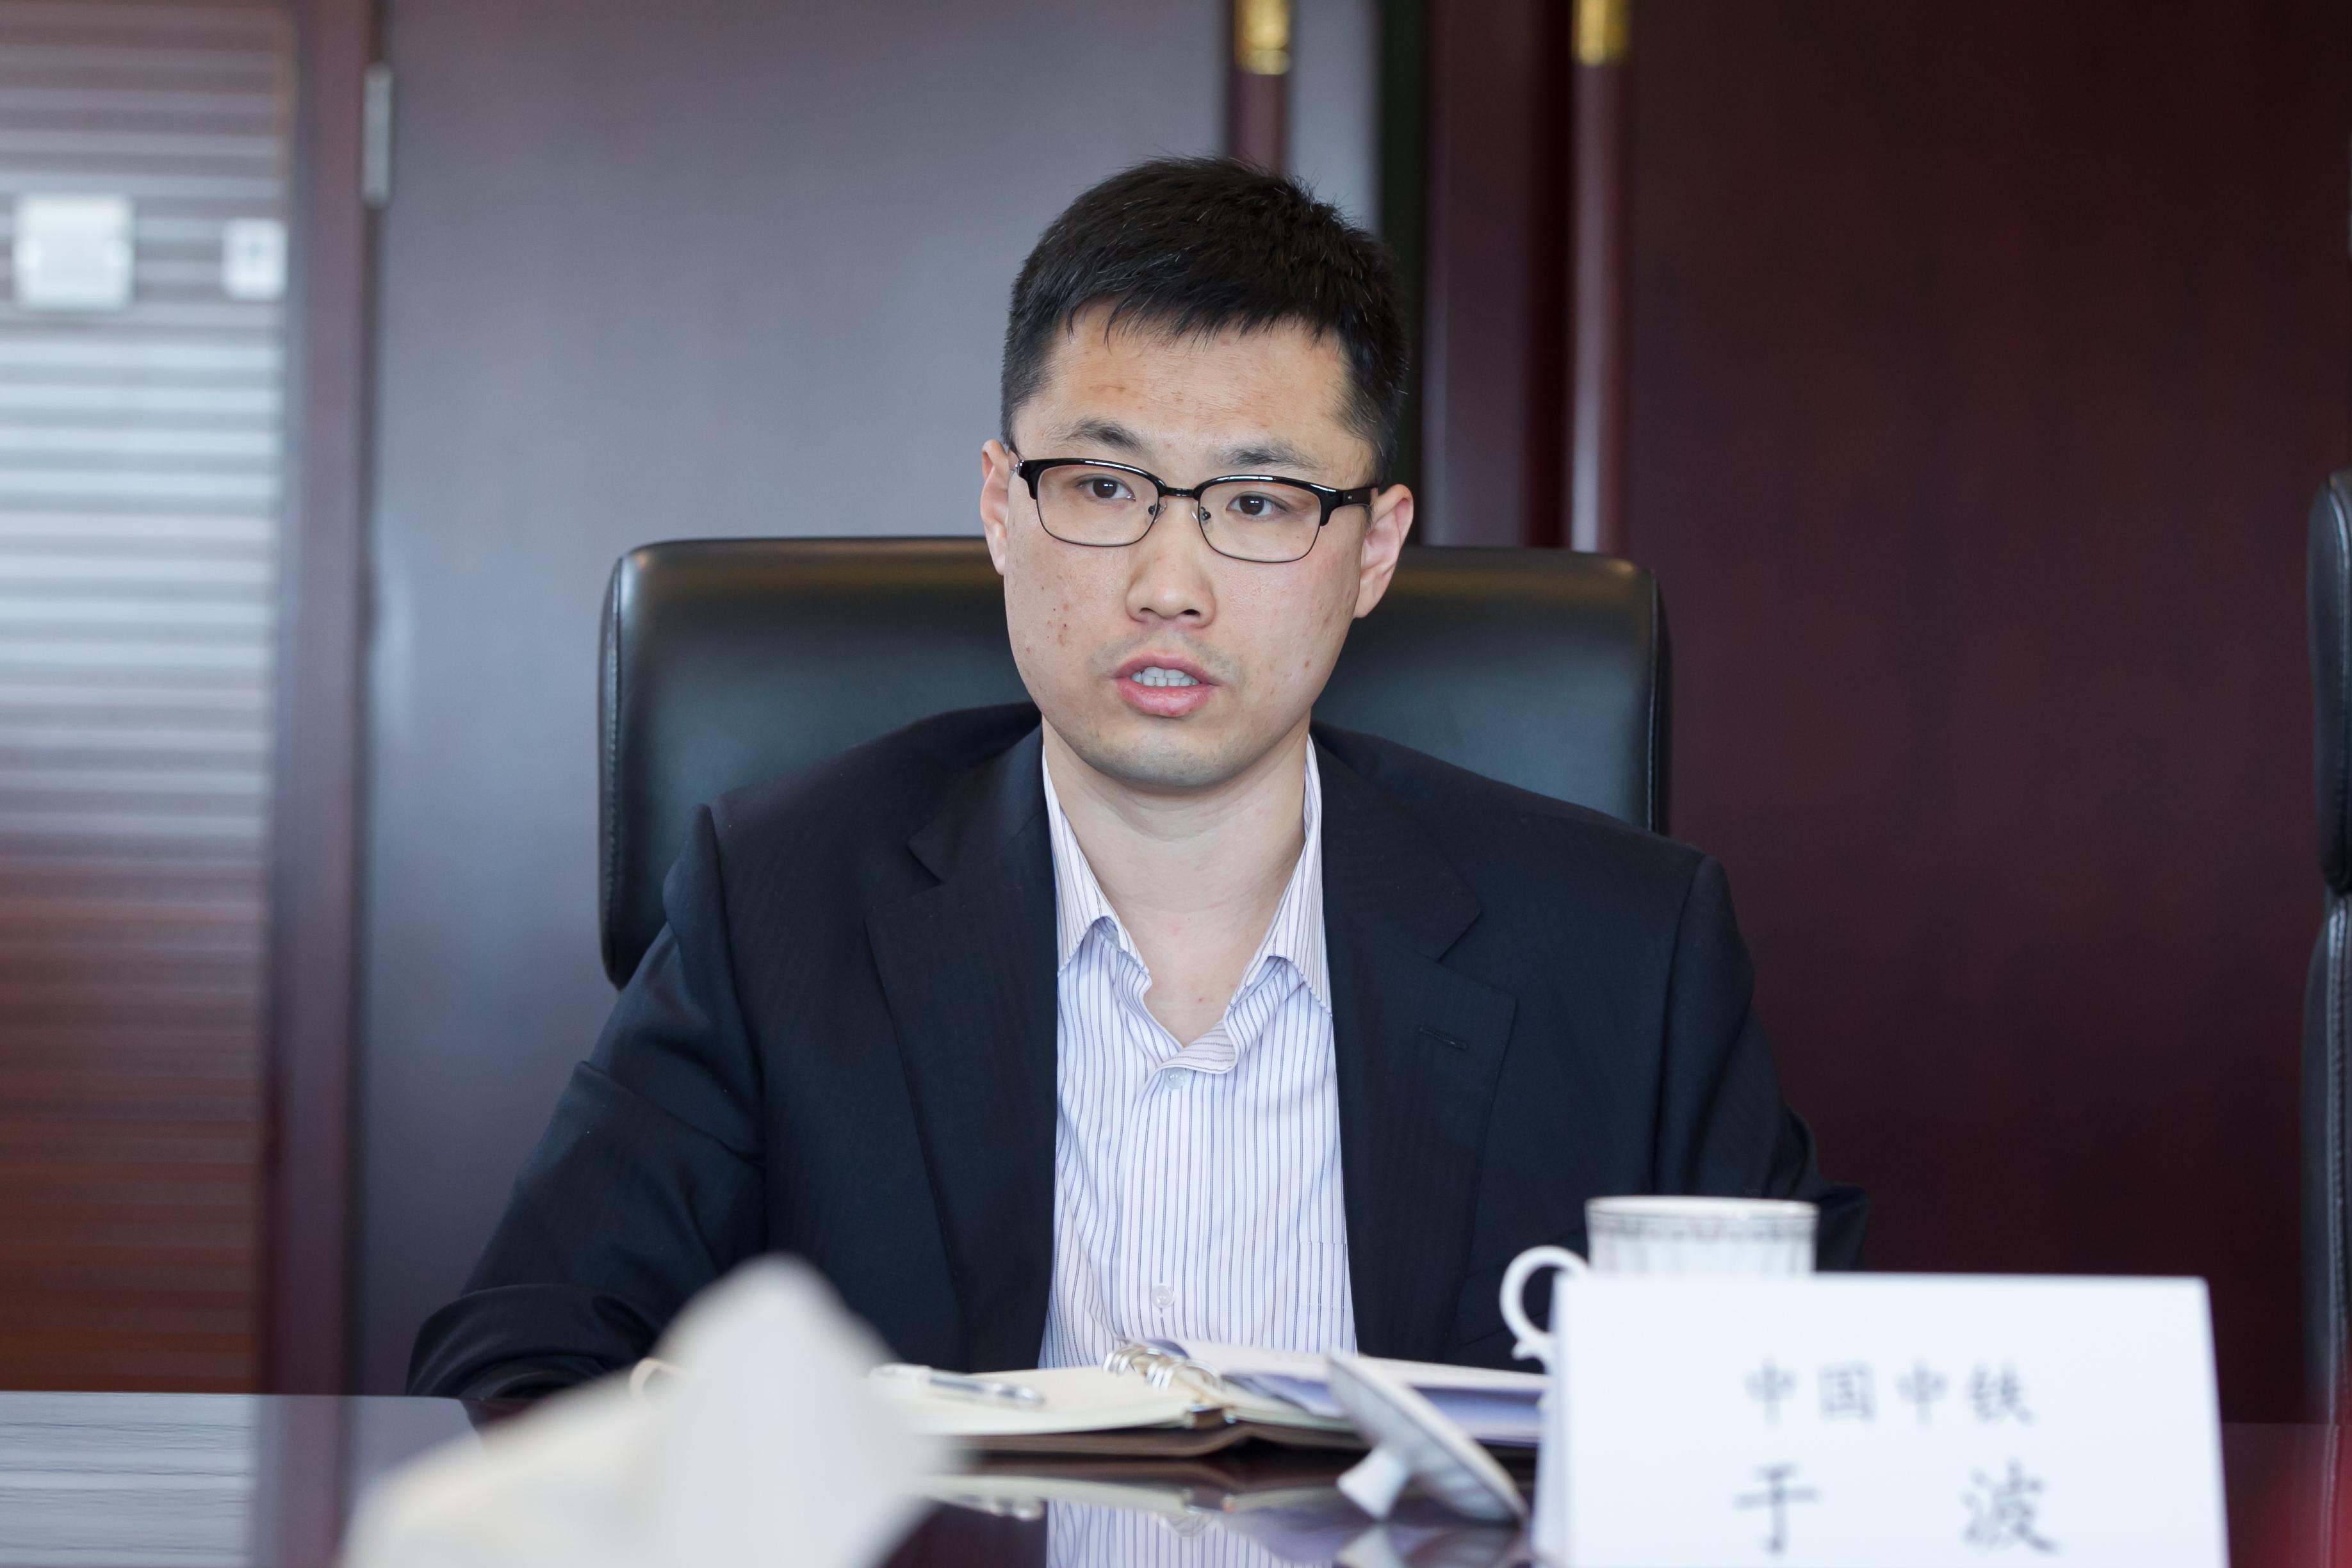 于 波 中国中铁股份有限公司科技设计部高级经理